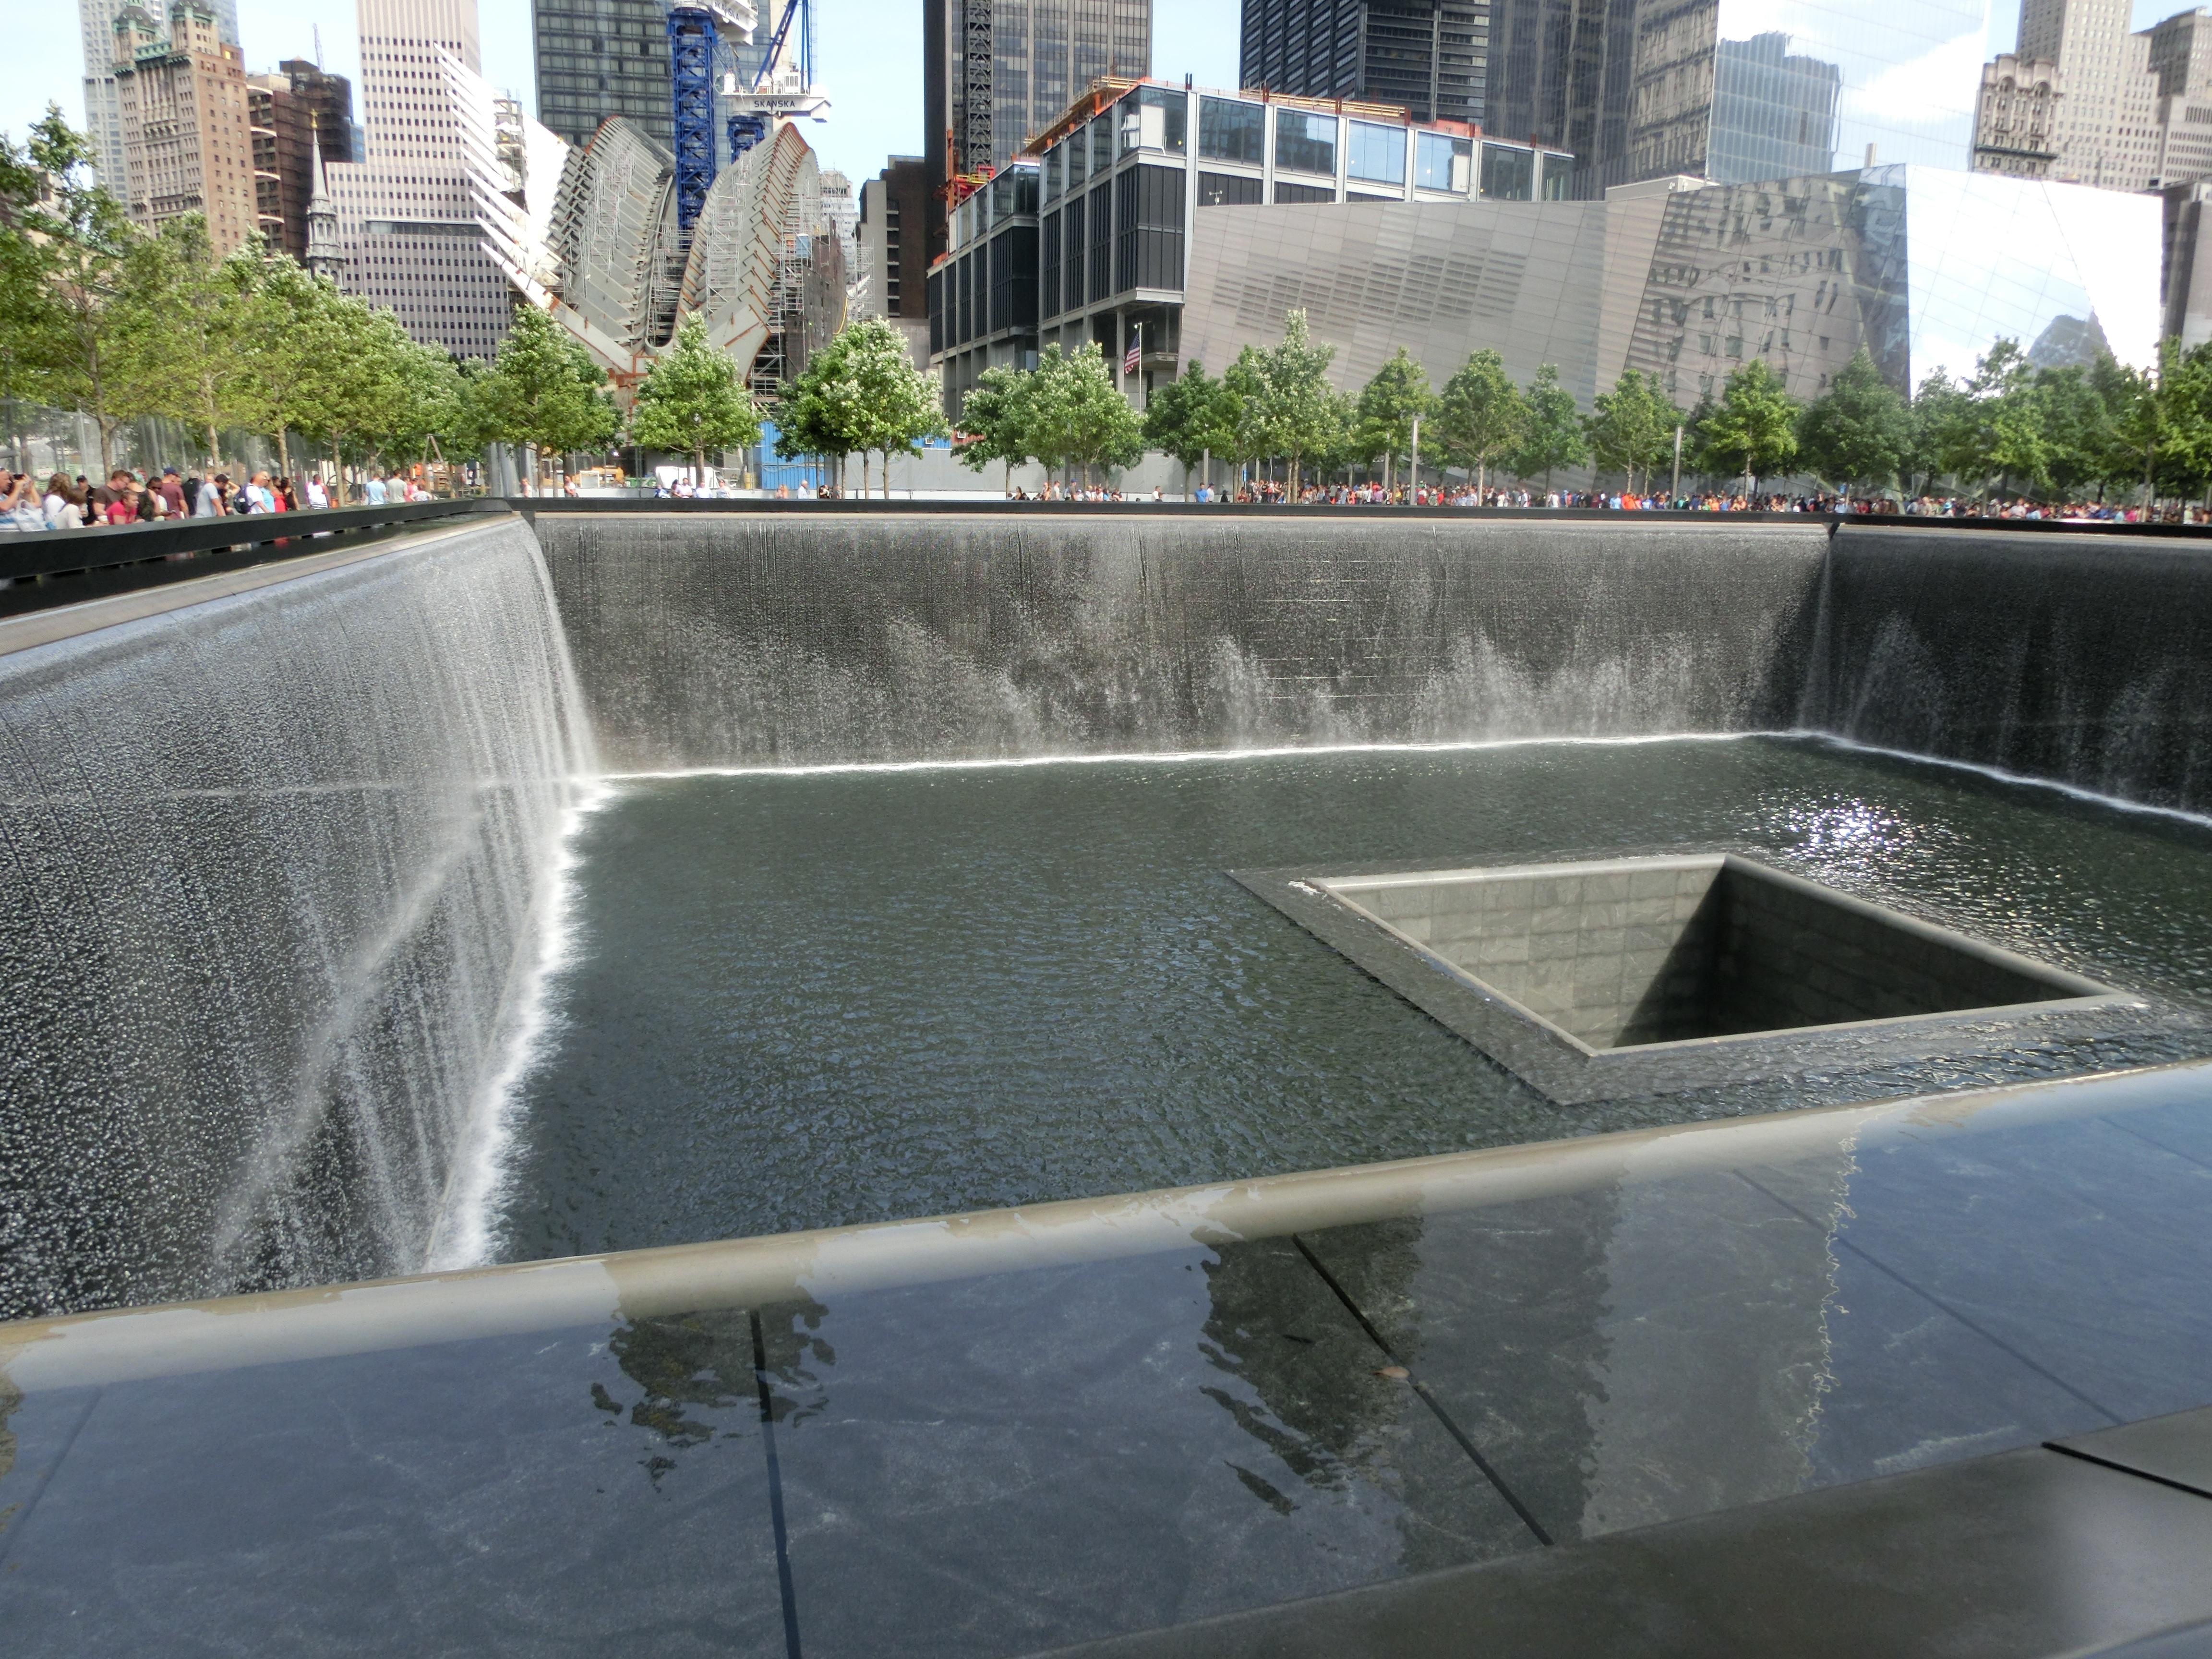 Lovely New York Manhattan Monument Swimming Pool Nyc Usa America Backyard Ground  Zero World Trade Center Waterway